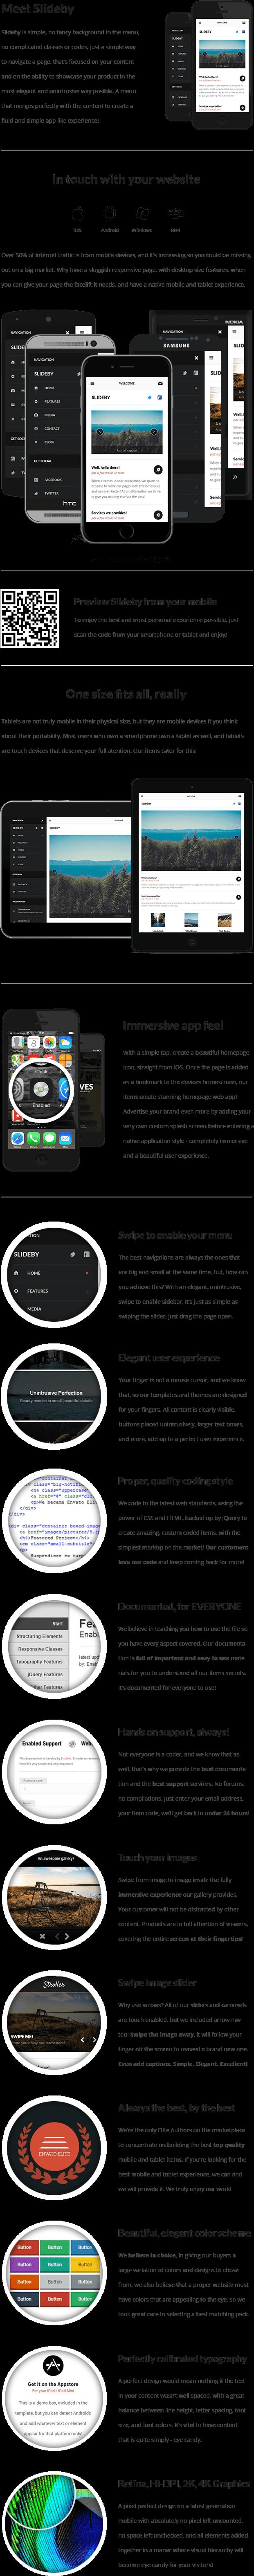 Slideby Mobile   Mobile Template - 8